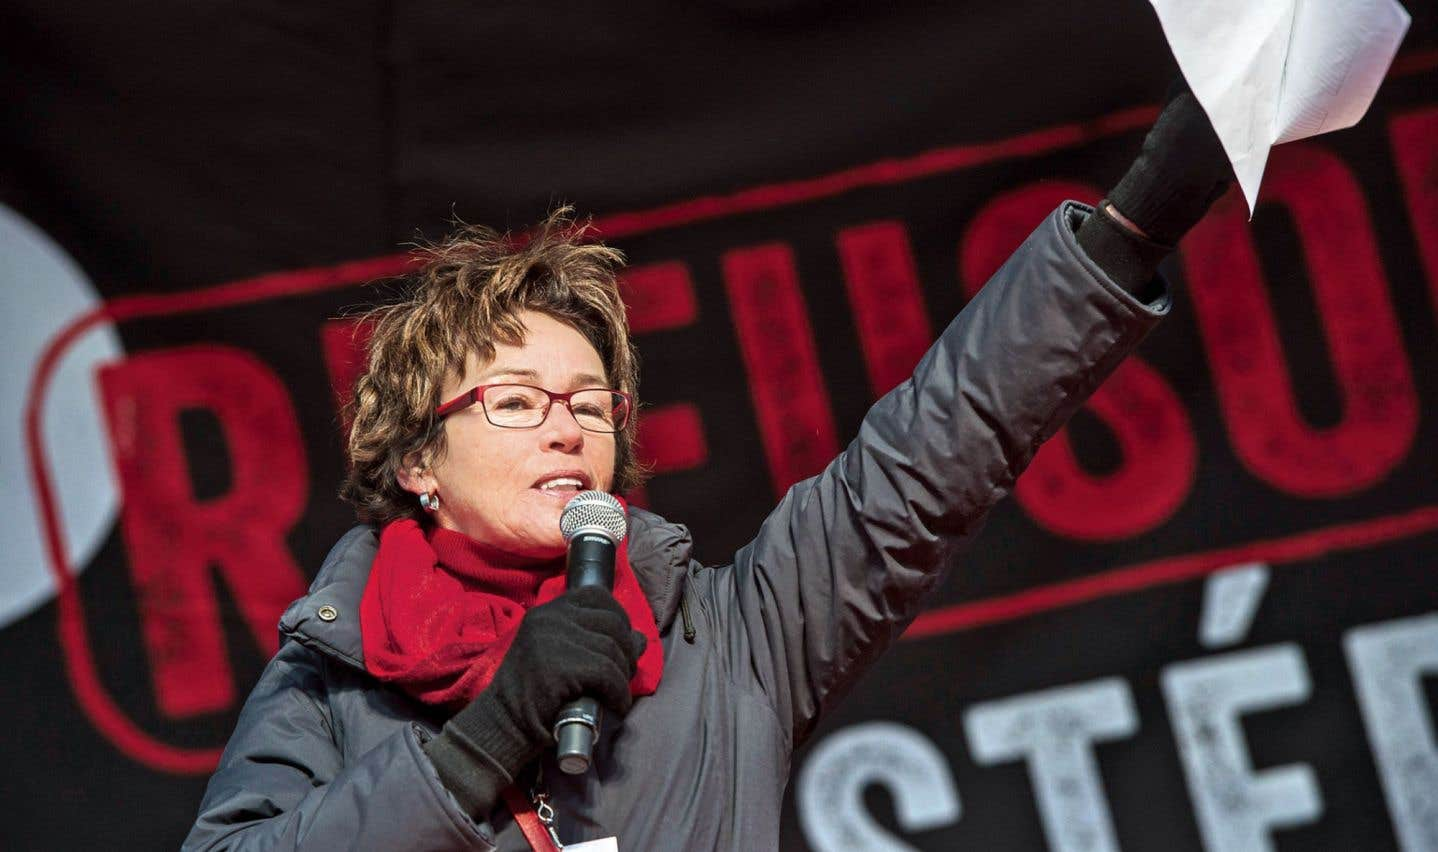 Selon la présidente de la CSQ, Louise Chabot, le gouvernement n'a pas réussi à influencer l'opinion publique parce que «ce qu'on voit partout, c'est la population qui appuie les travailleurs».